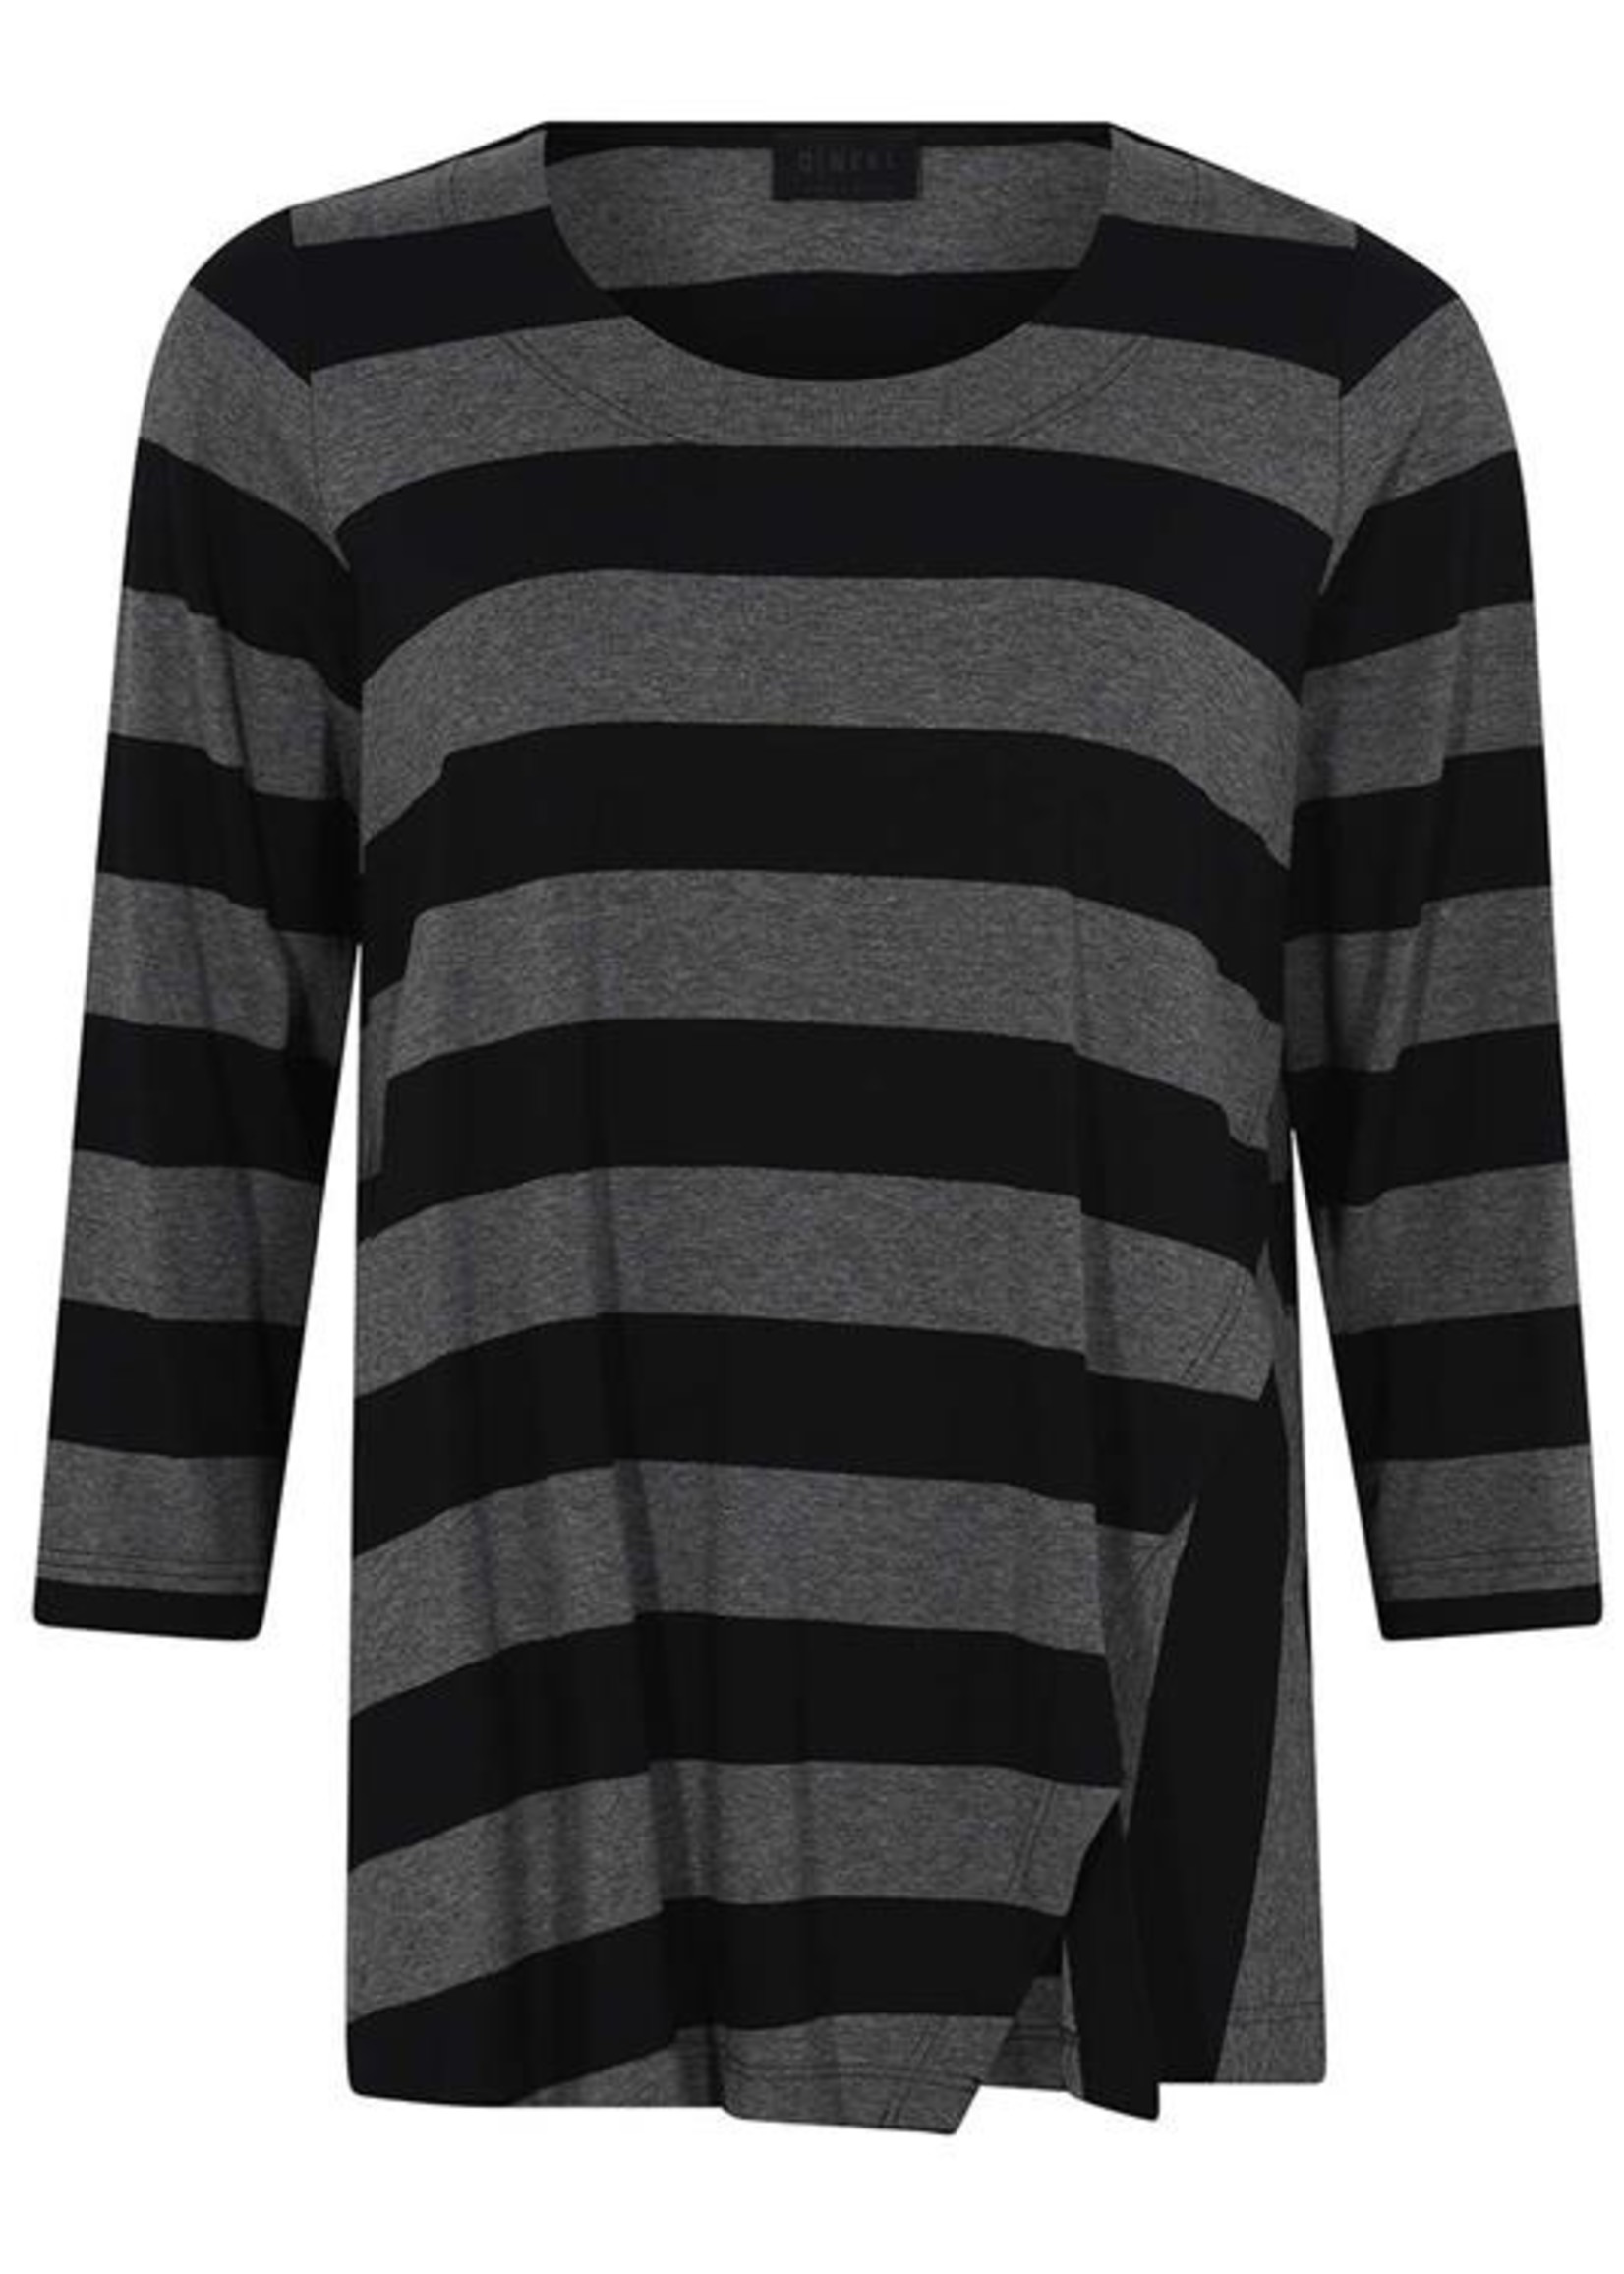 Qneel Q'neel shirt grijs / zwart streep (83967 8843)